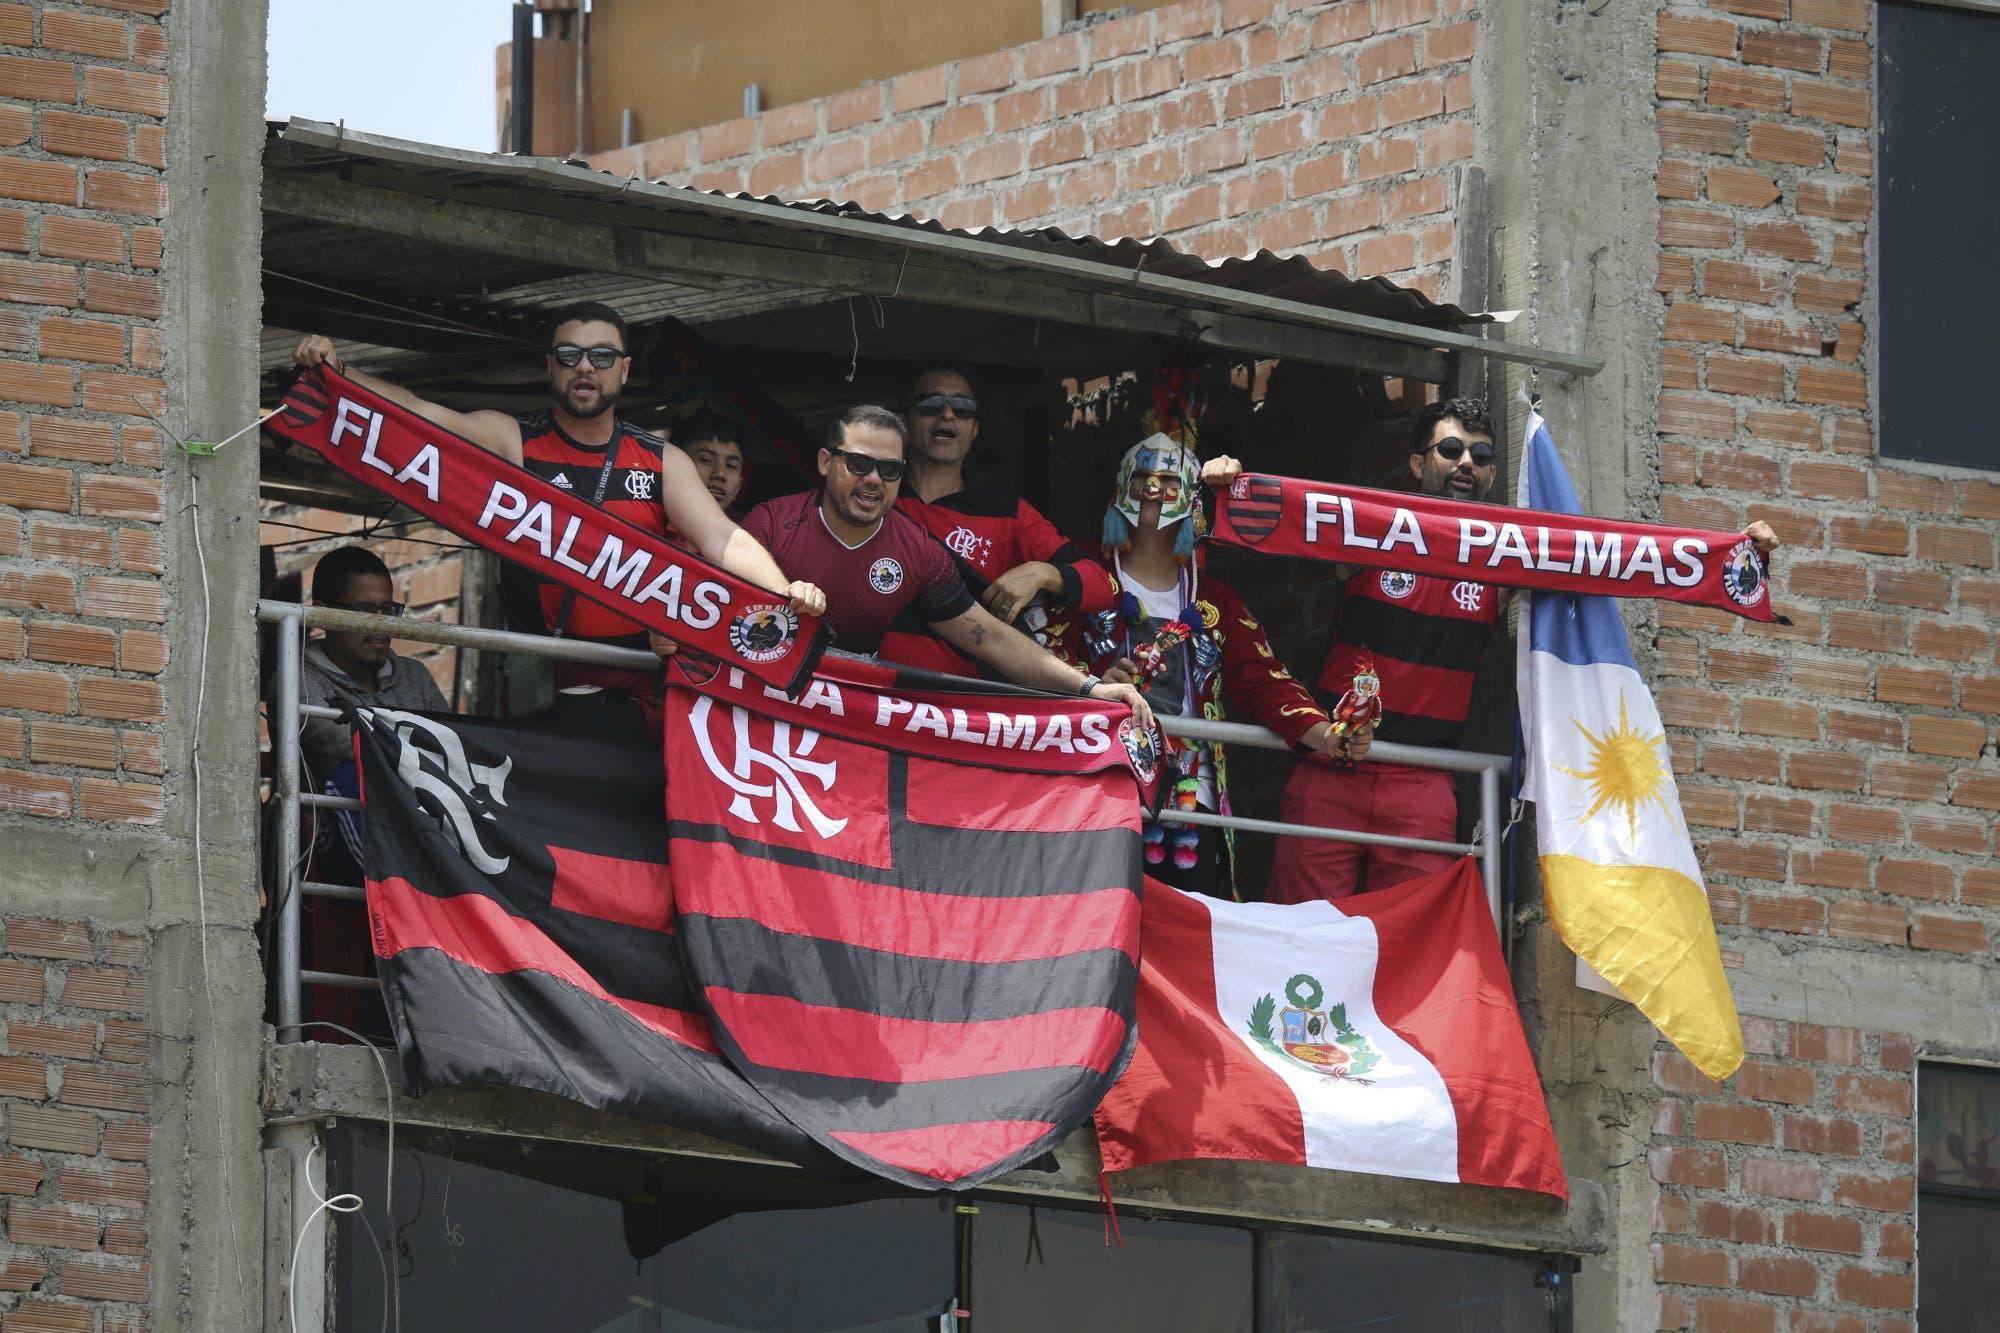 River-Flamengo: por ahora existe buena onda entre hinchas rivales, pero habrá 10.000 efectivos de seguridad